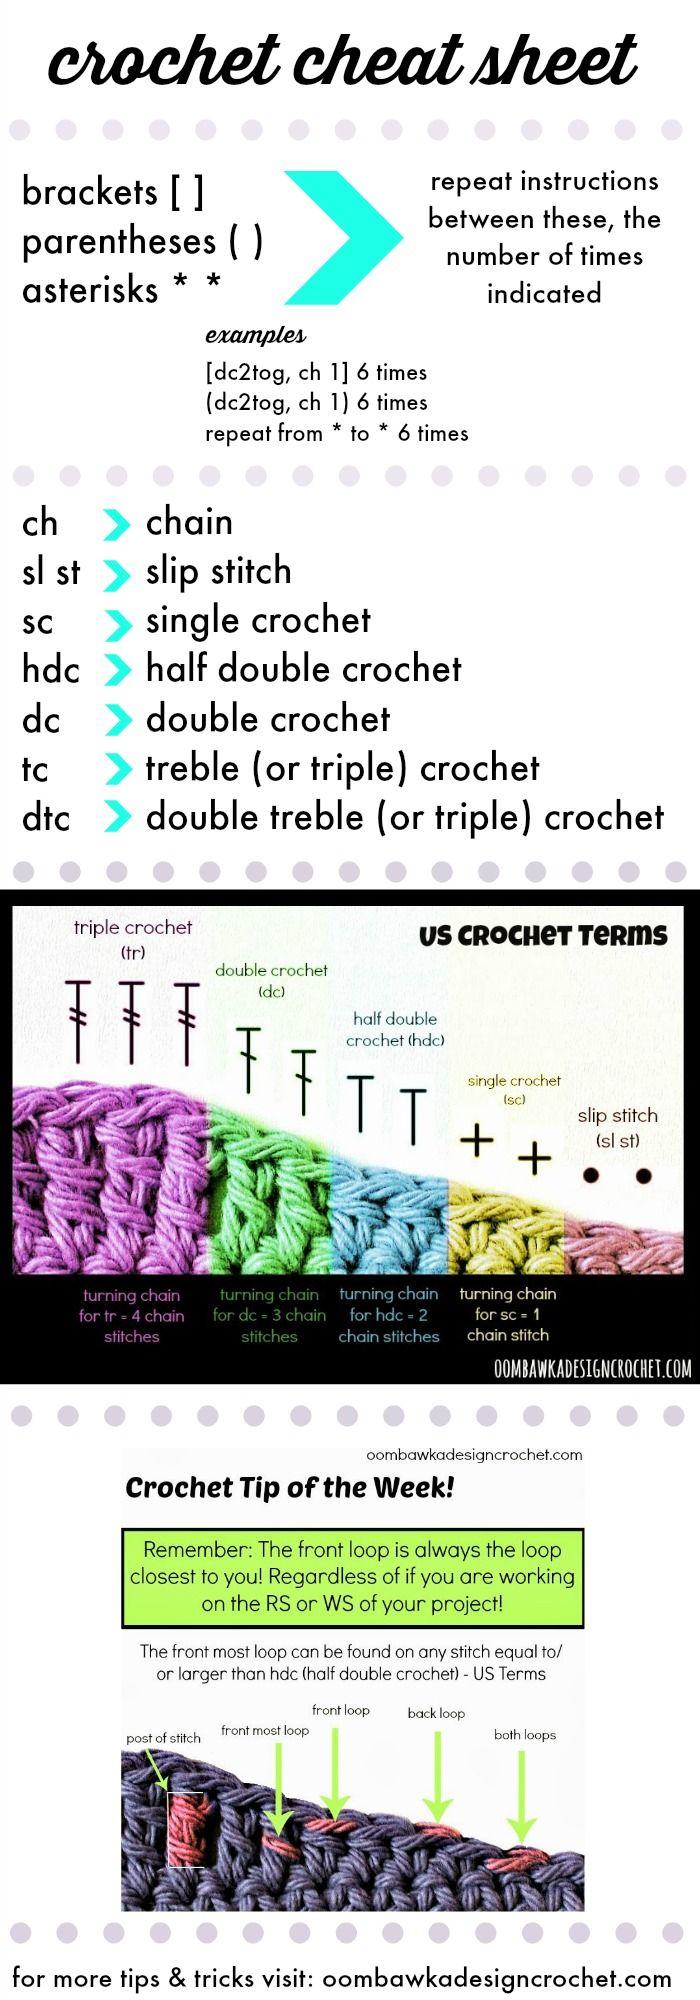 Crochet Cheat Sheet from Oombawka Design Tabla de medinas norteamericanas.